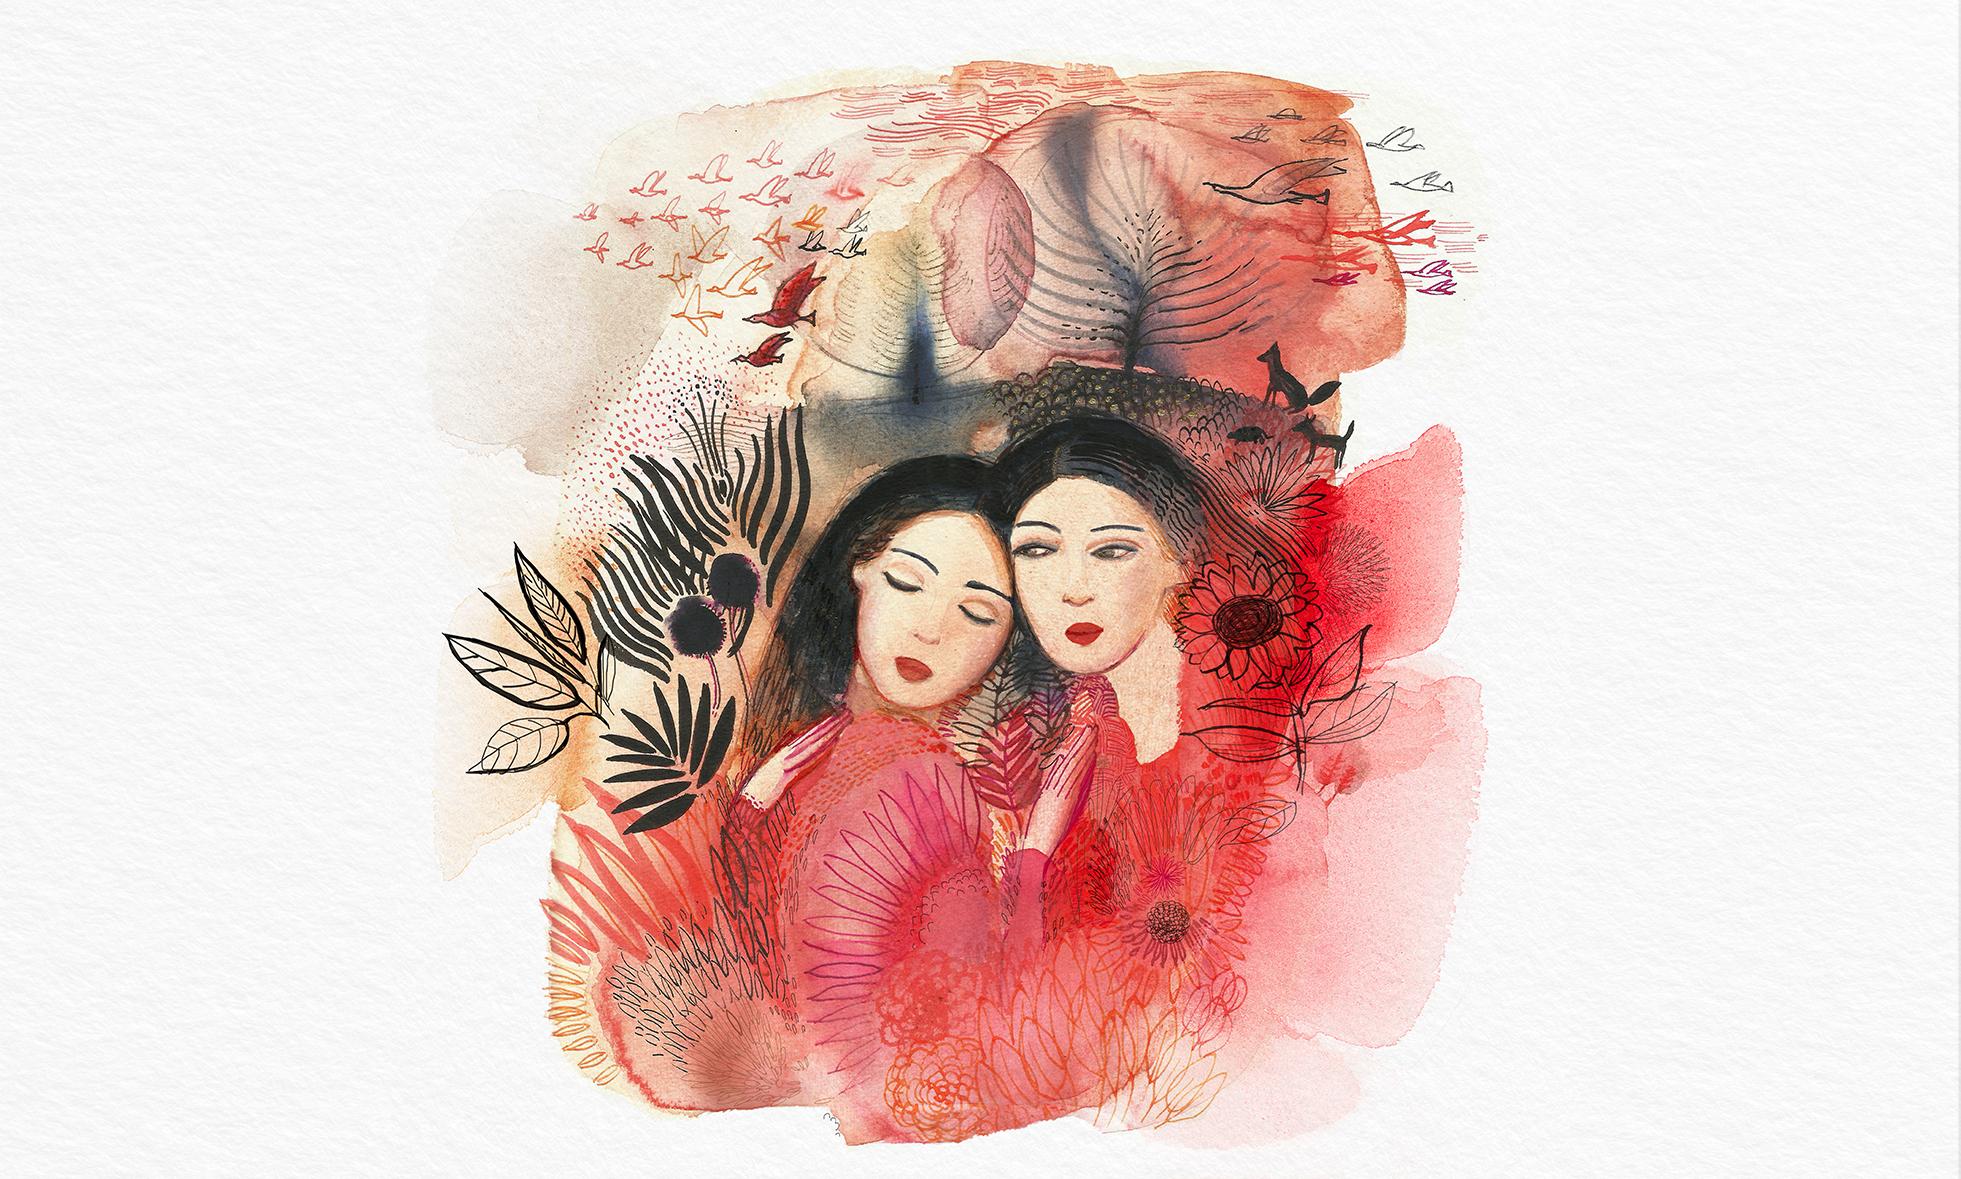 Abbracciami, Fandango club, illustrazione acquerello